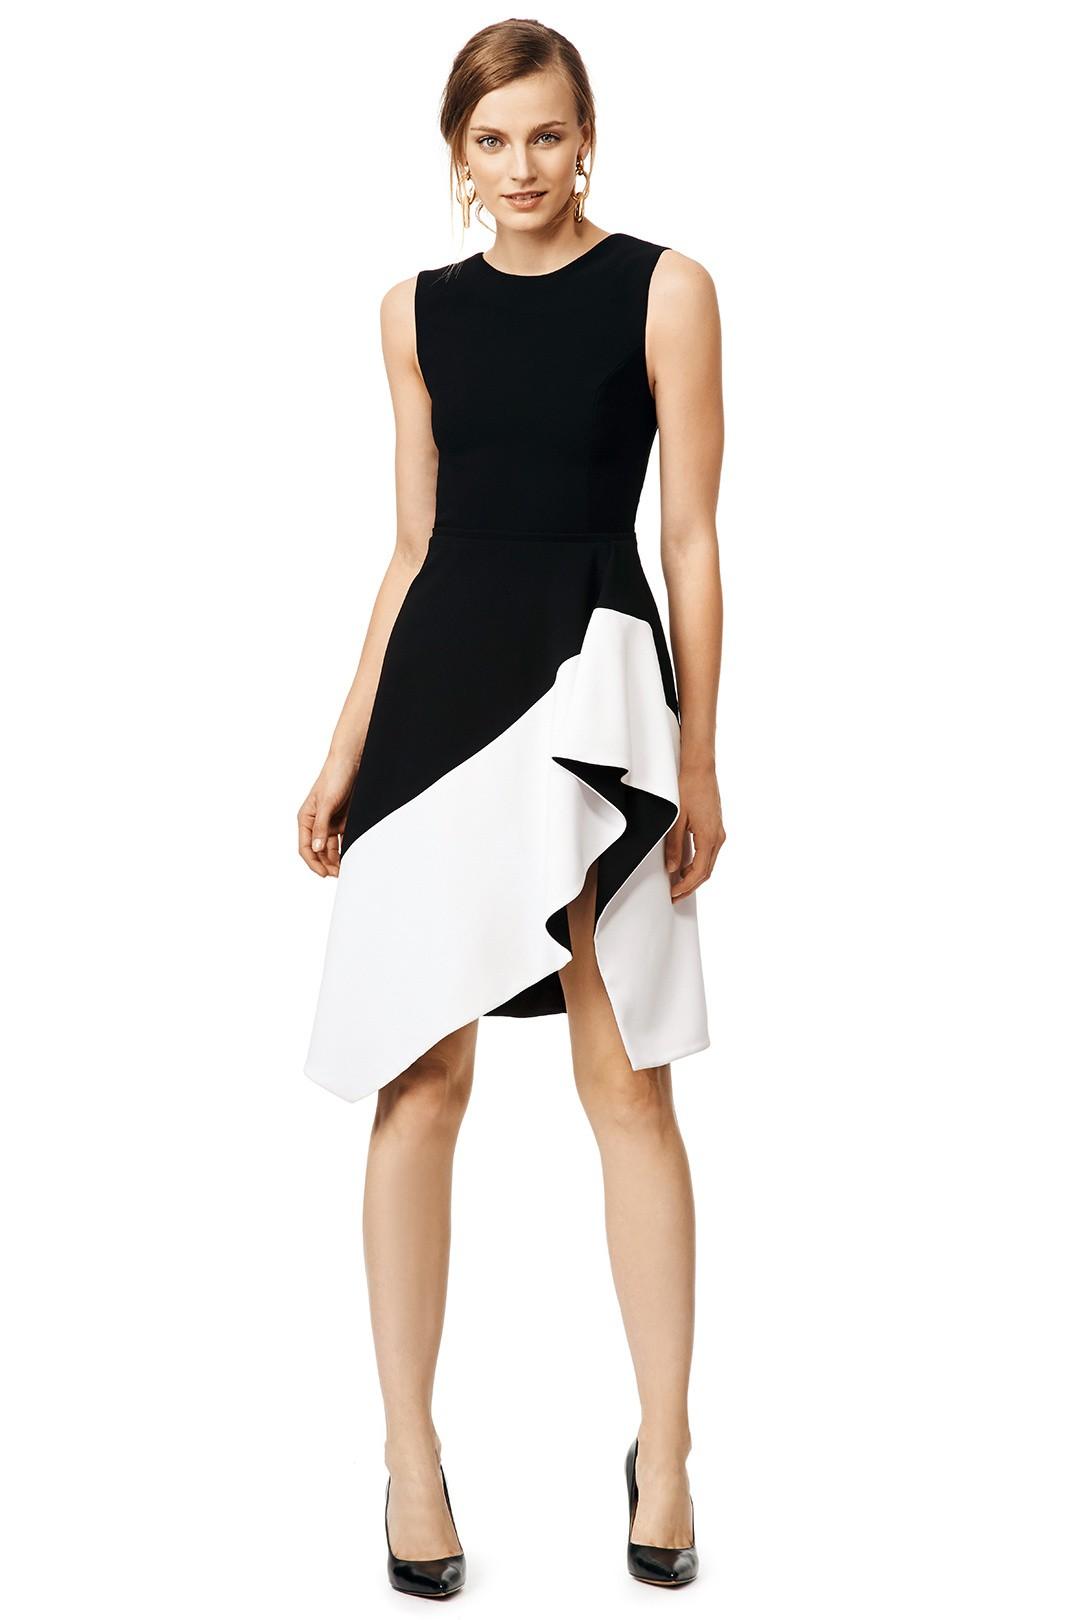 White Dressy Dresses